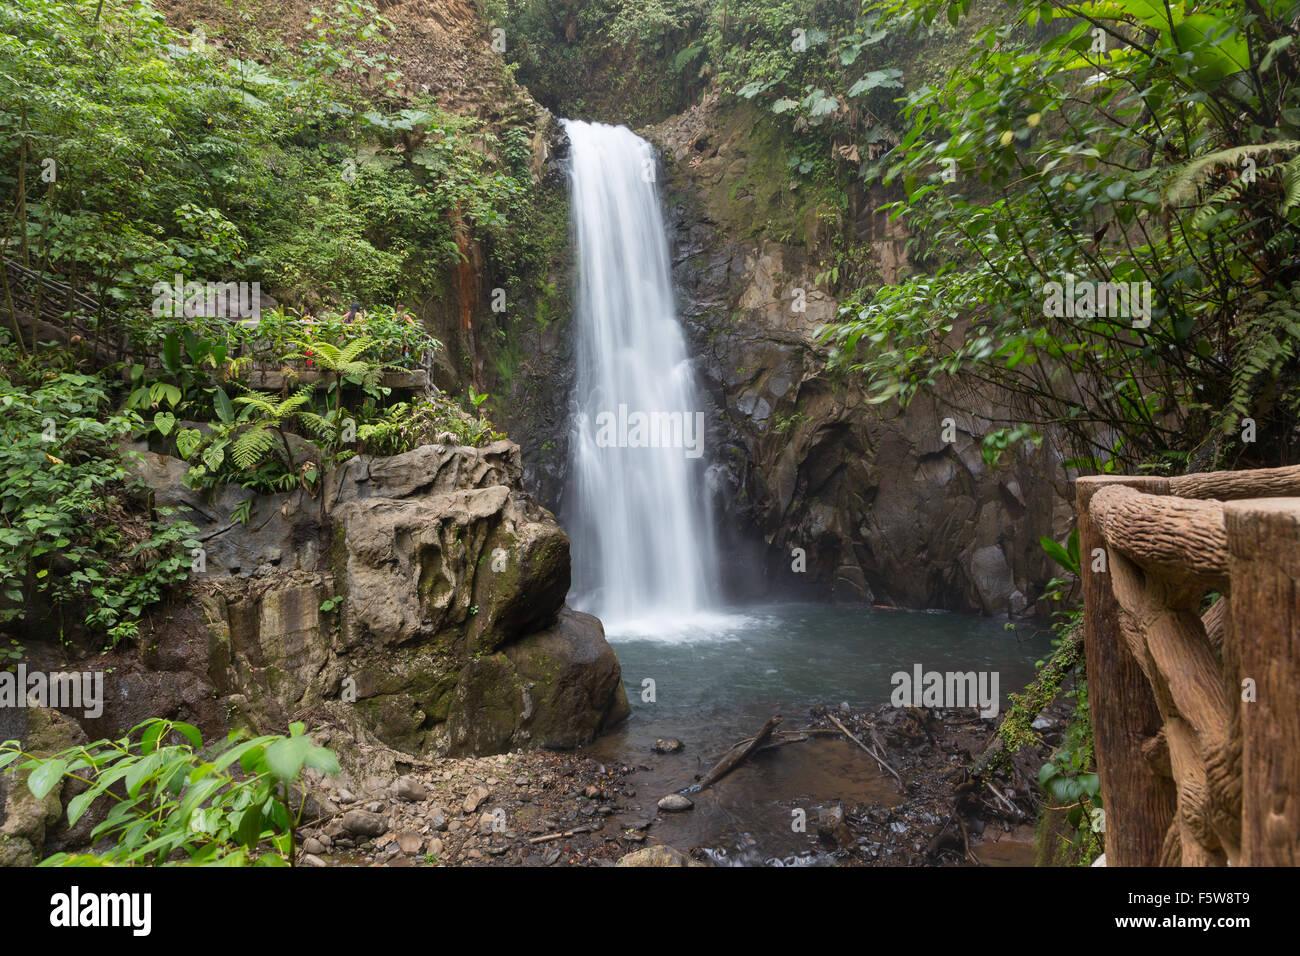 Vue éloignée de la cascade La Paz floue entre la forêt tropicale, le Costa Rica Photo Stock